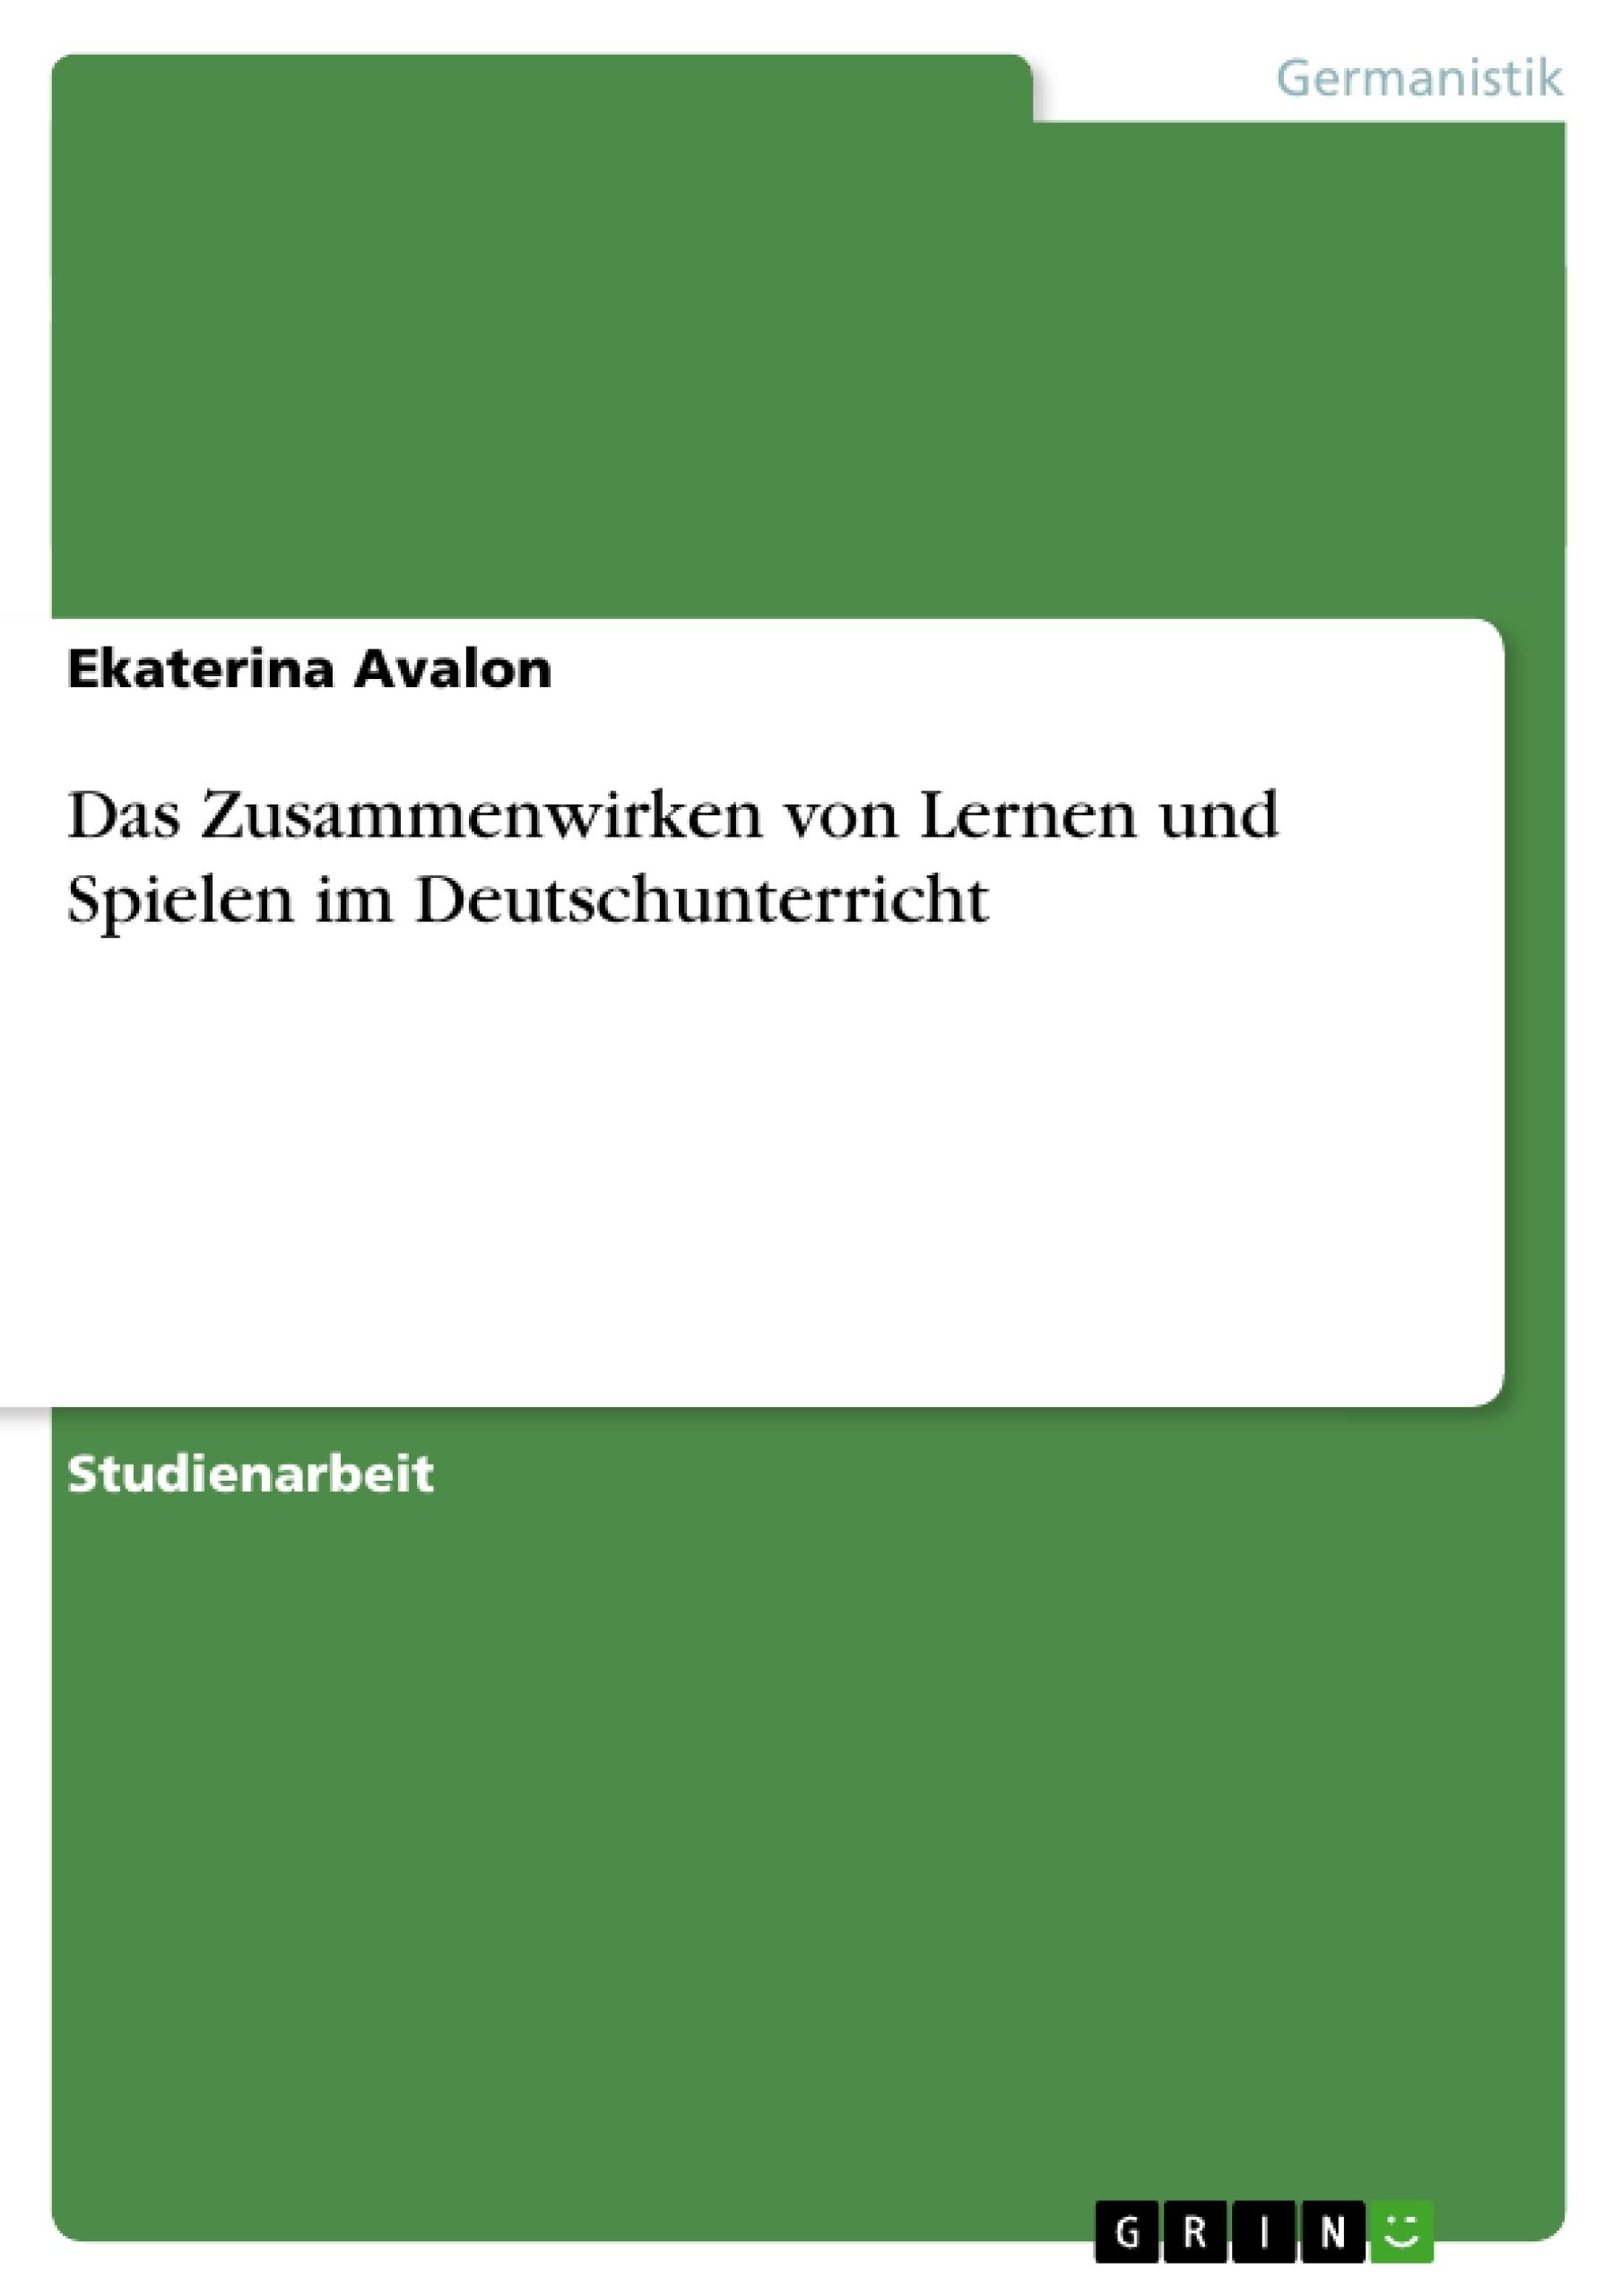 Titel: Das Zusammenwirken von Lernen und Spielen im Deutschunterricht